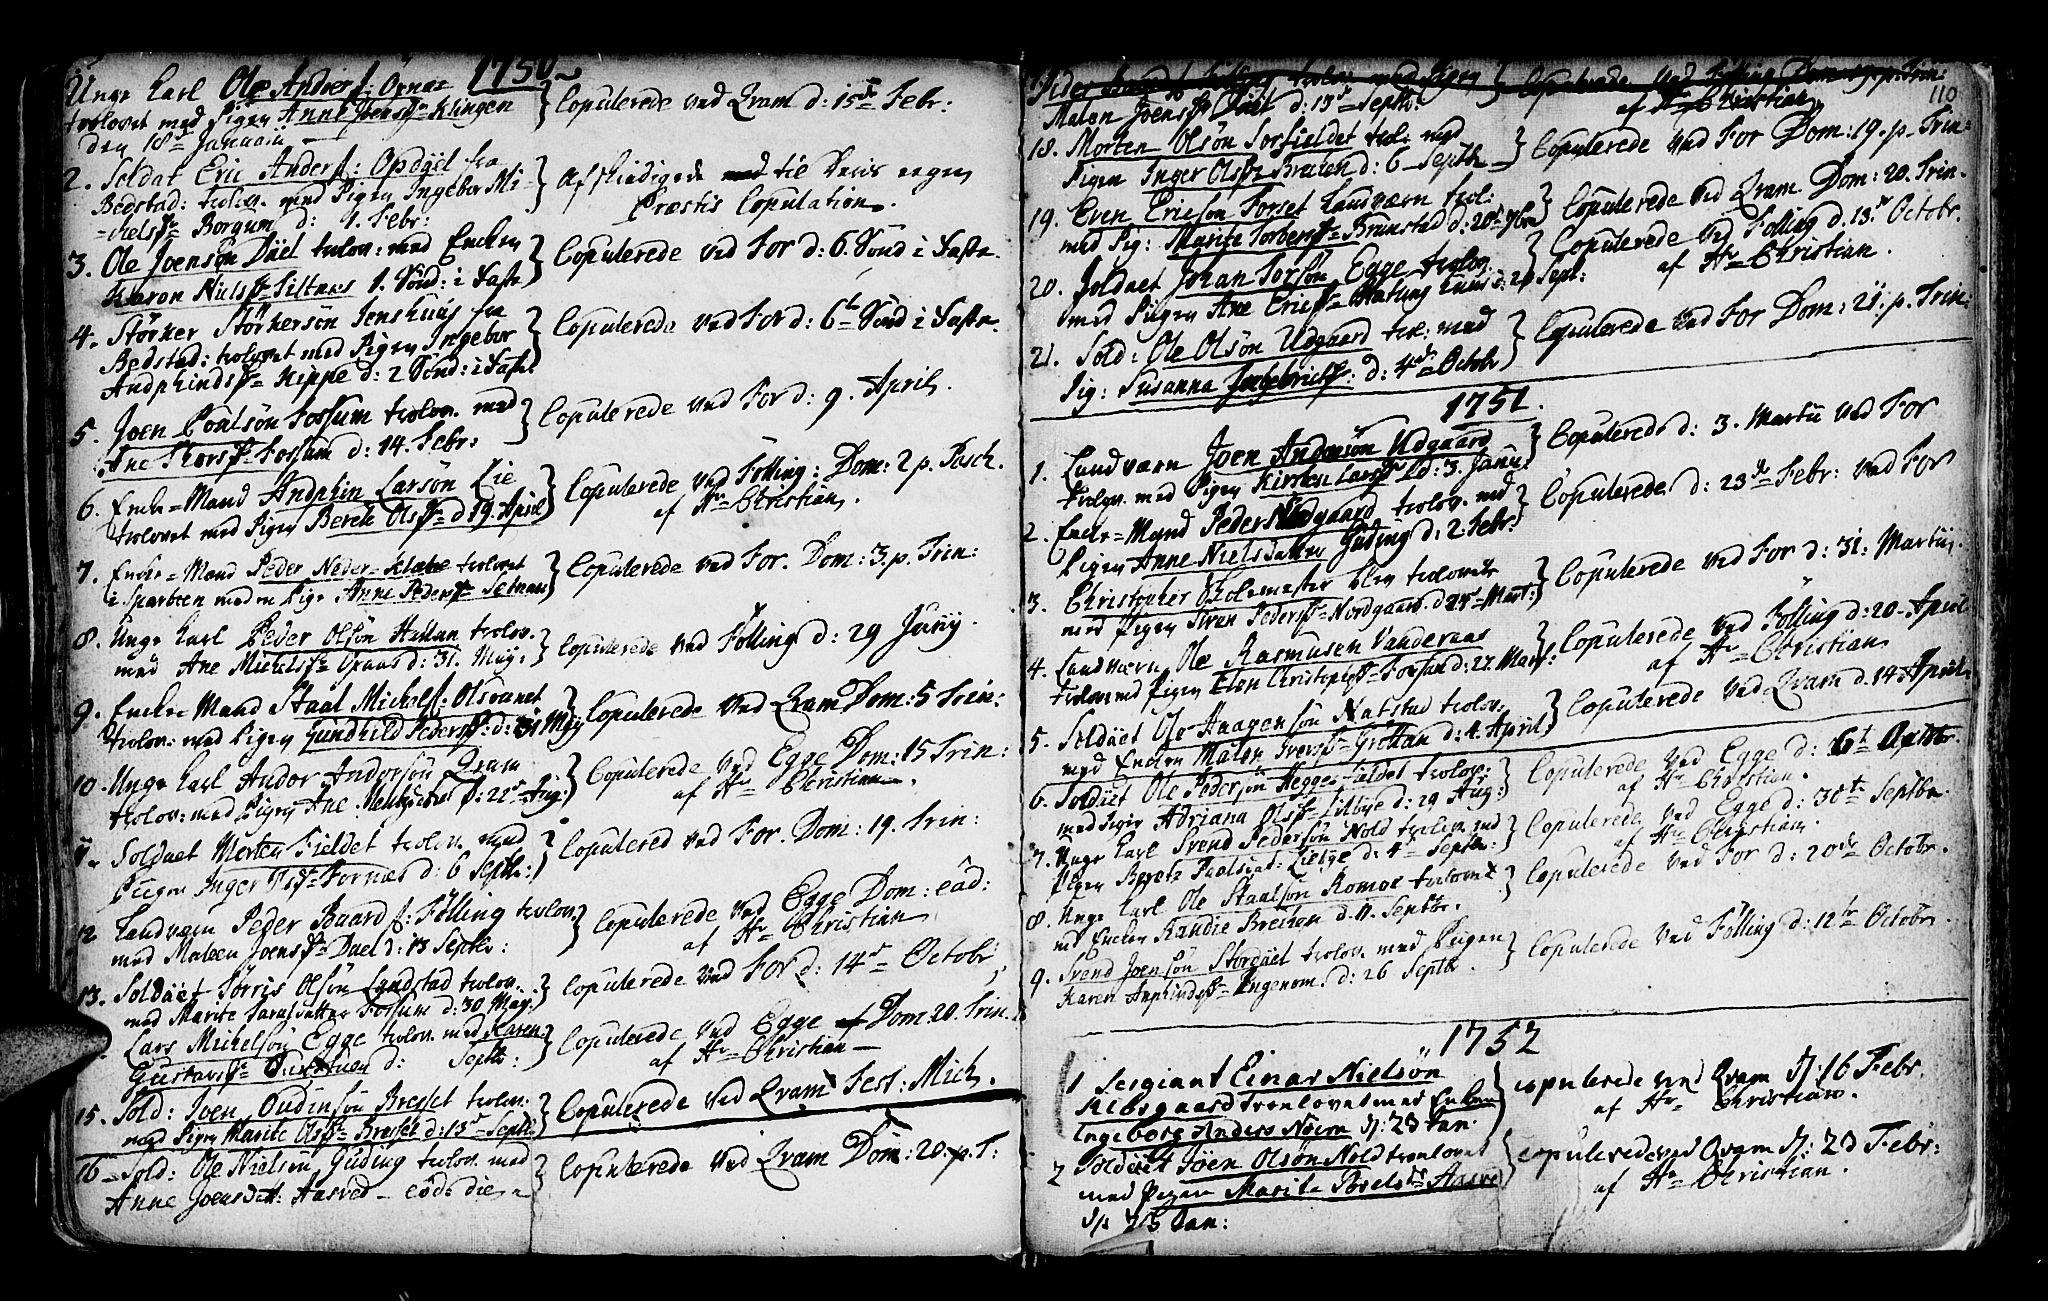 SAT, Ministerialprotokoller, klokkerbøker og fødselsregistre - Nord-Trøndelag, 746/L0439: Ministerialbok nr. 746A01, 1688-1759, s. 110